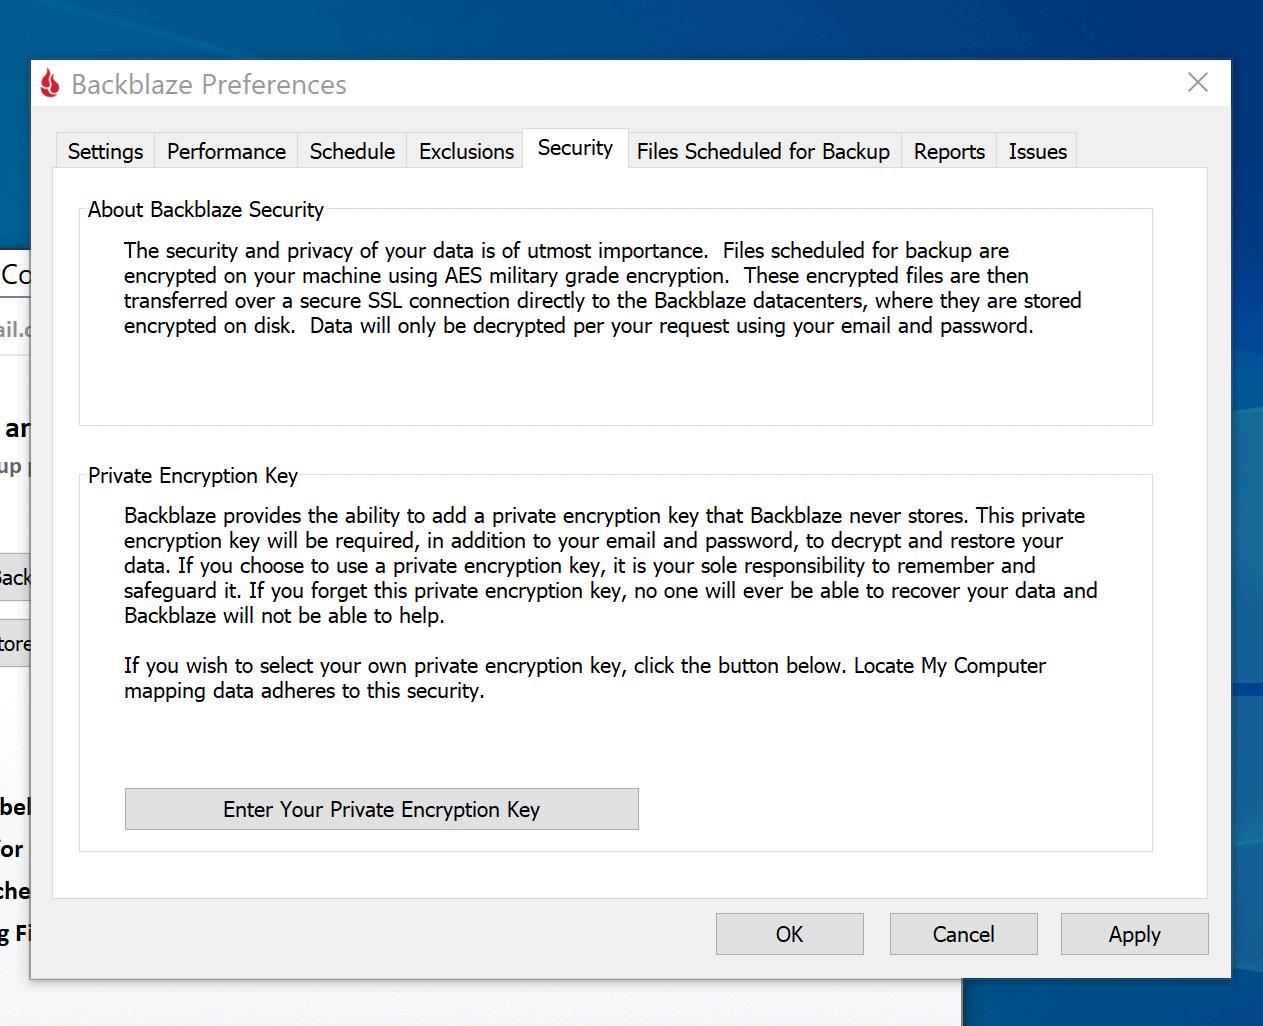 Backblaze security panel-set a PEK